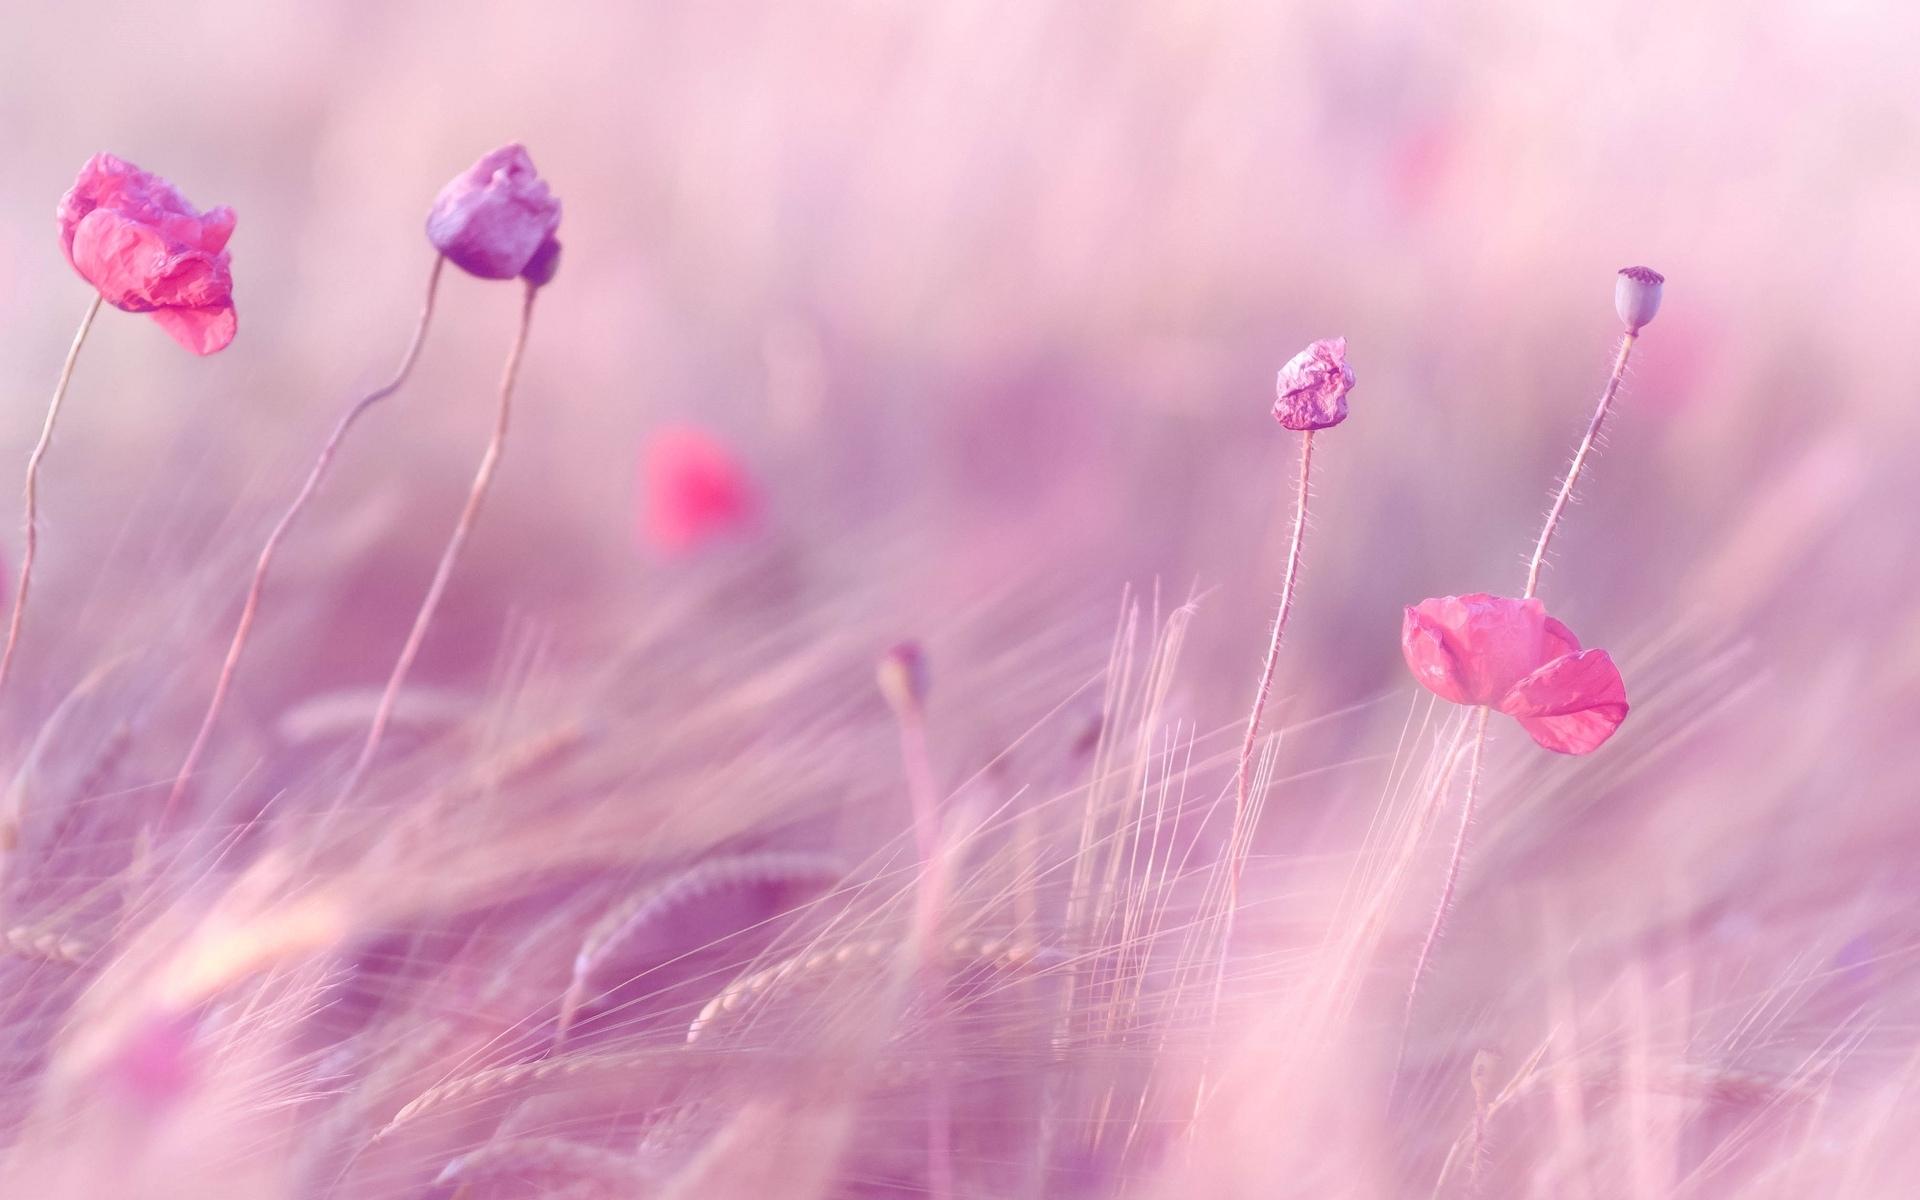 HD Wallpaper Pink Flowers - WallpaperSafari